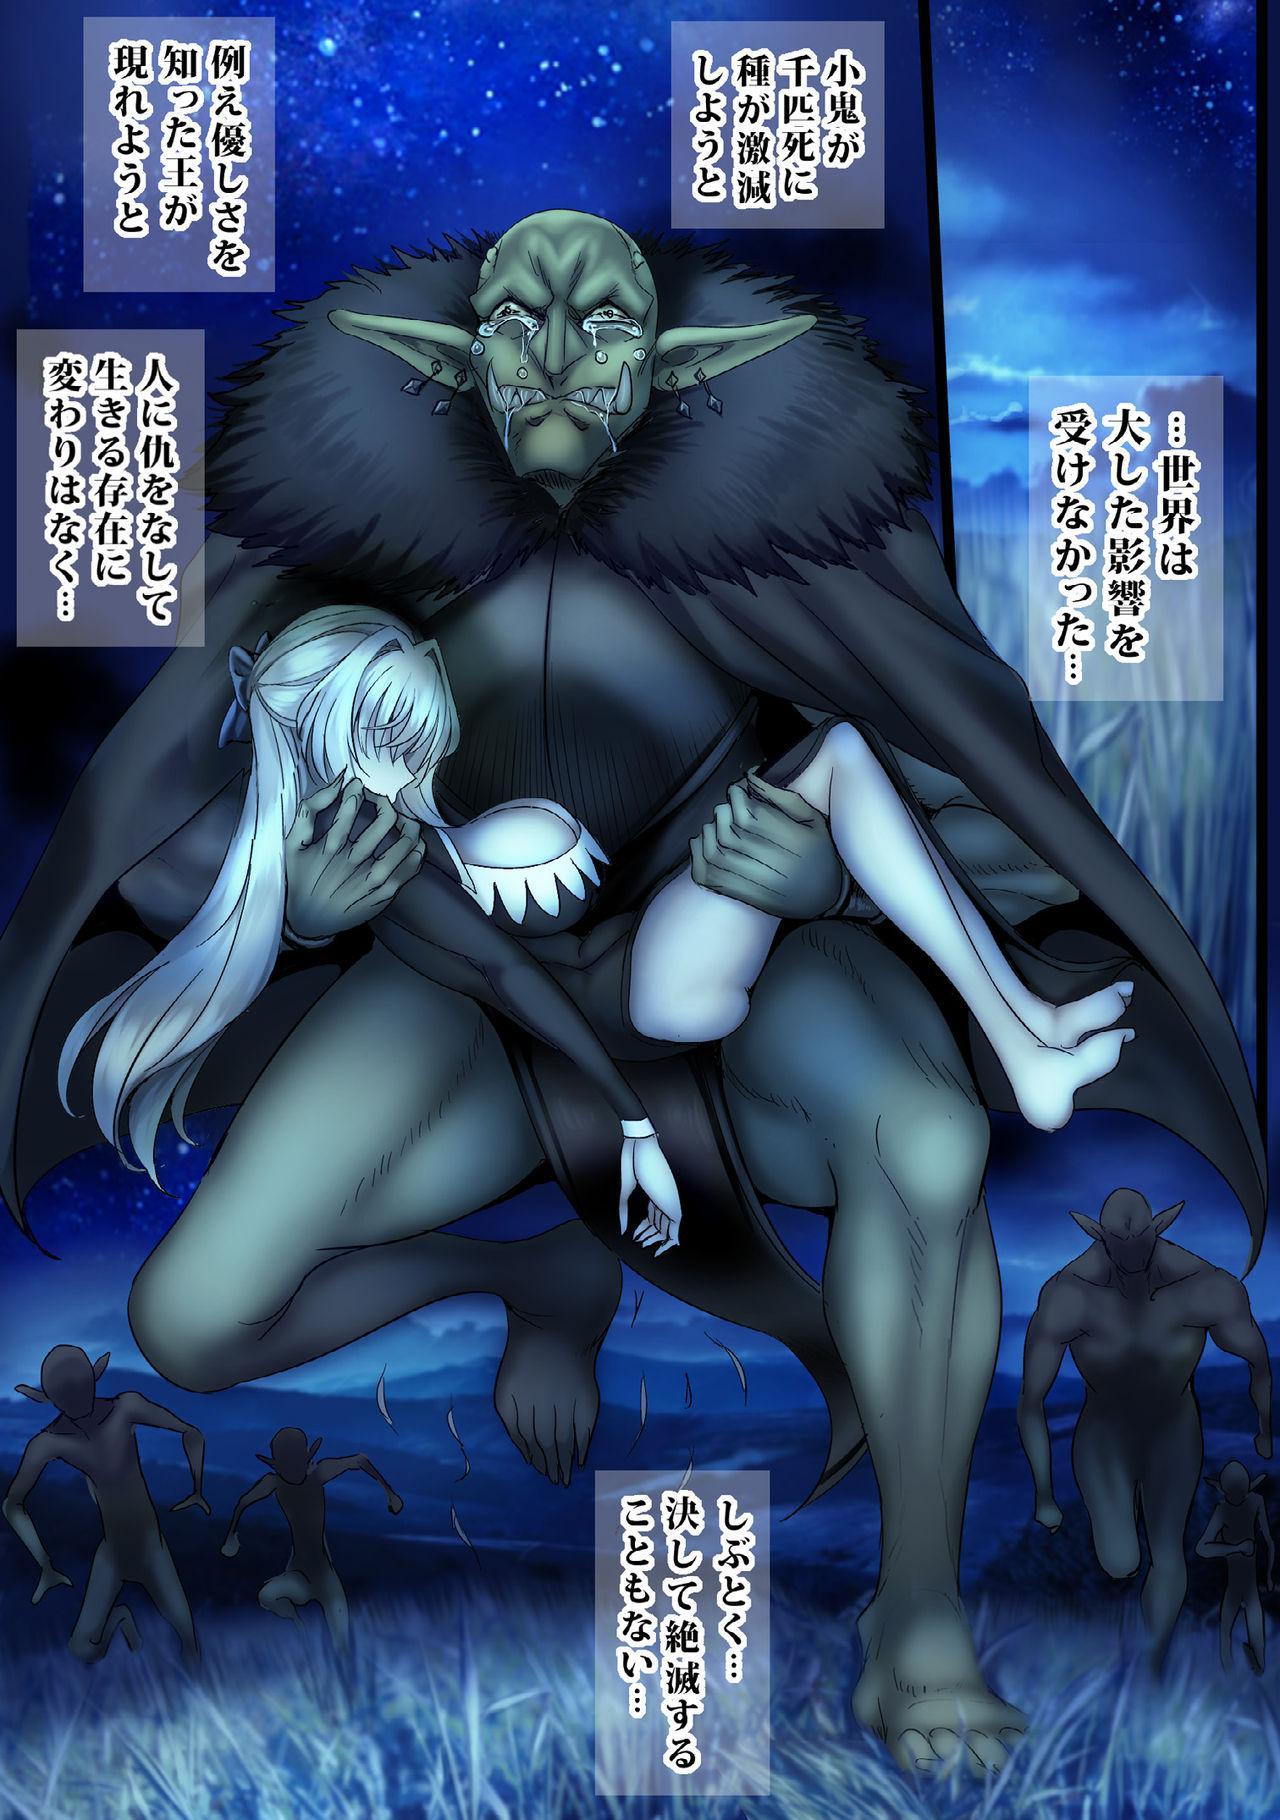 Zenmetsu Party Rape 4 105